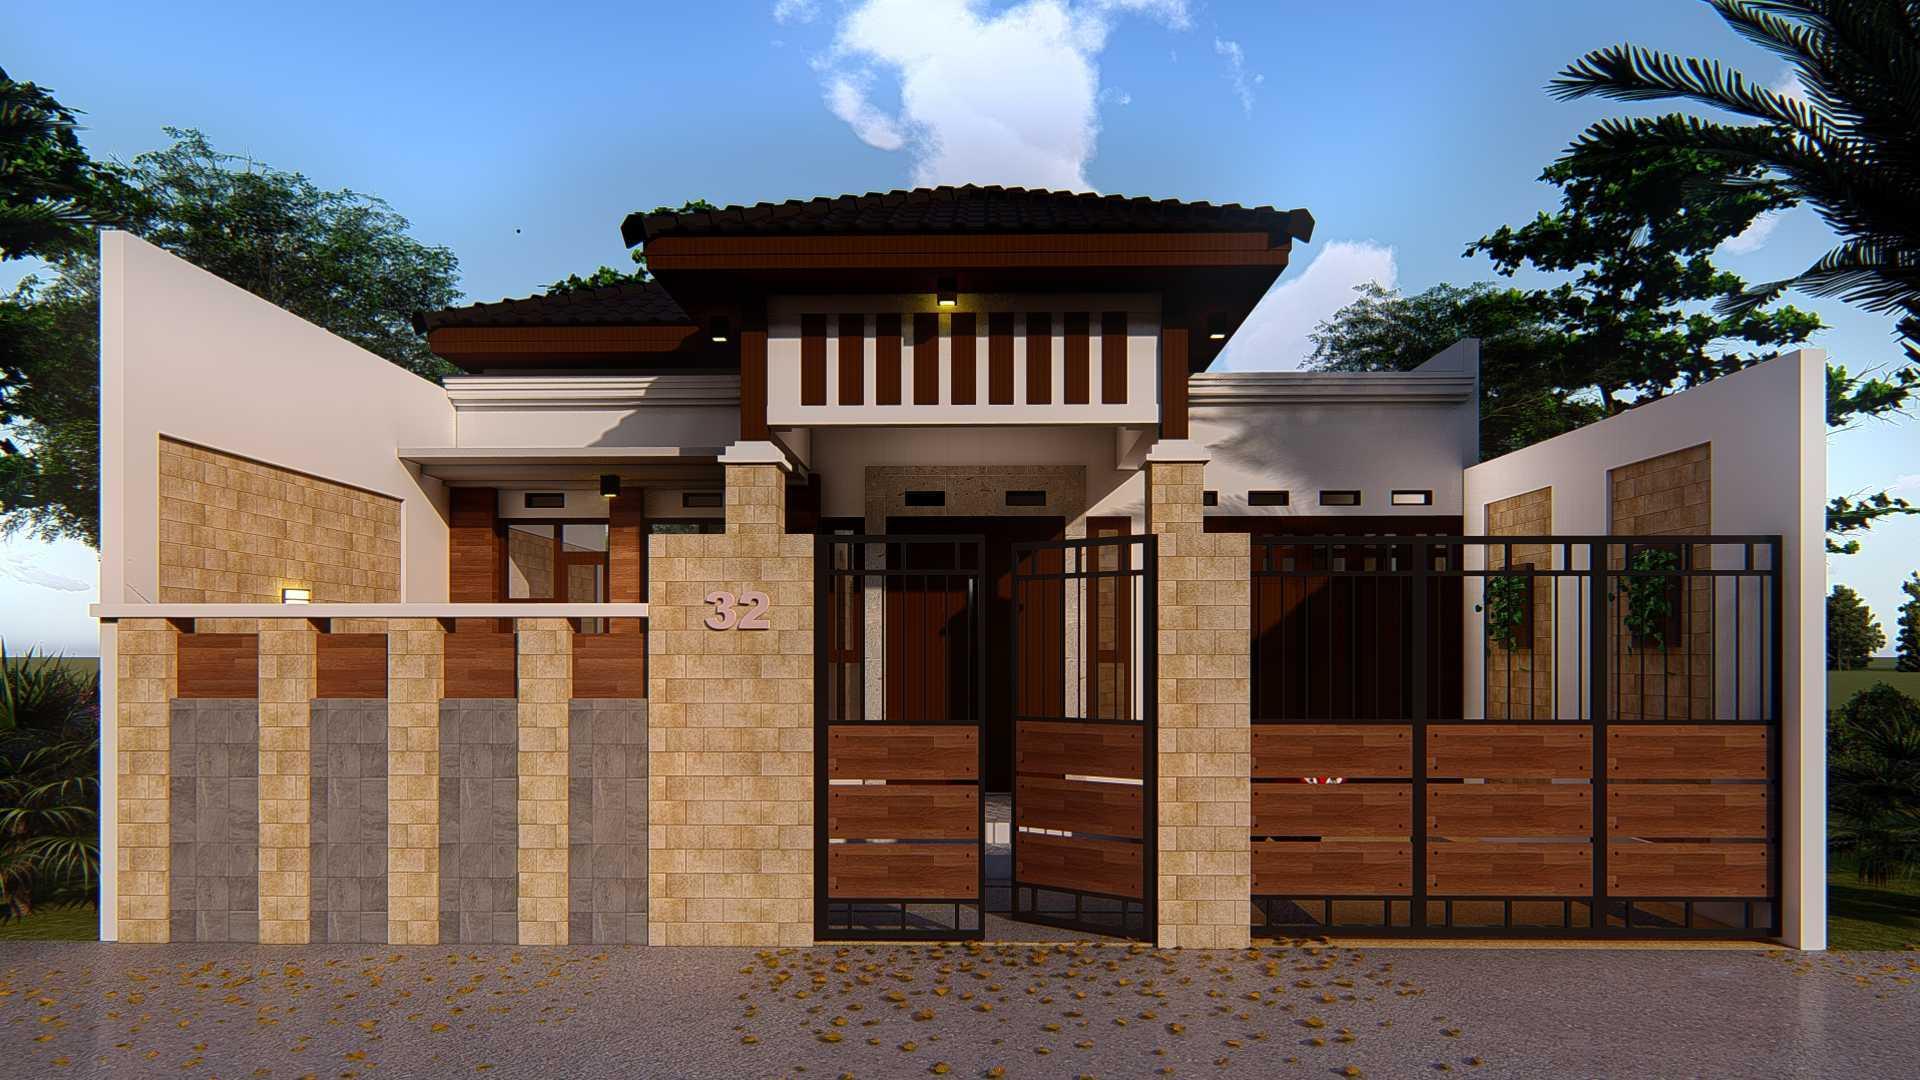 Jasa Arsitek Artha Architect di Brebes